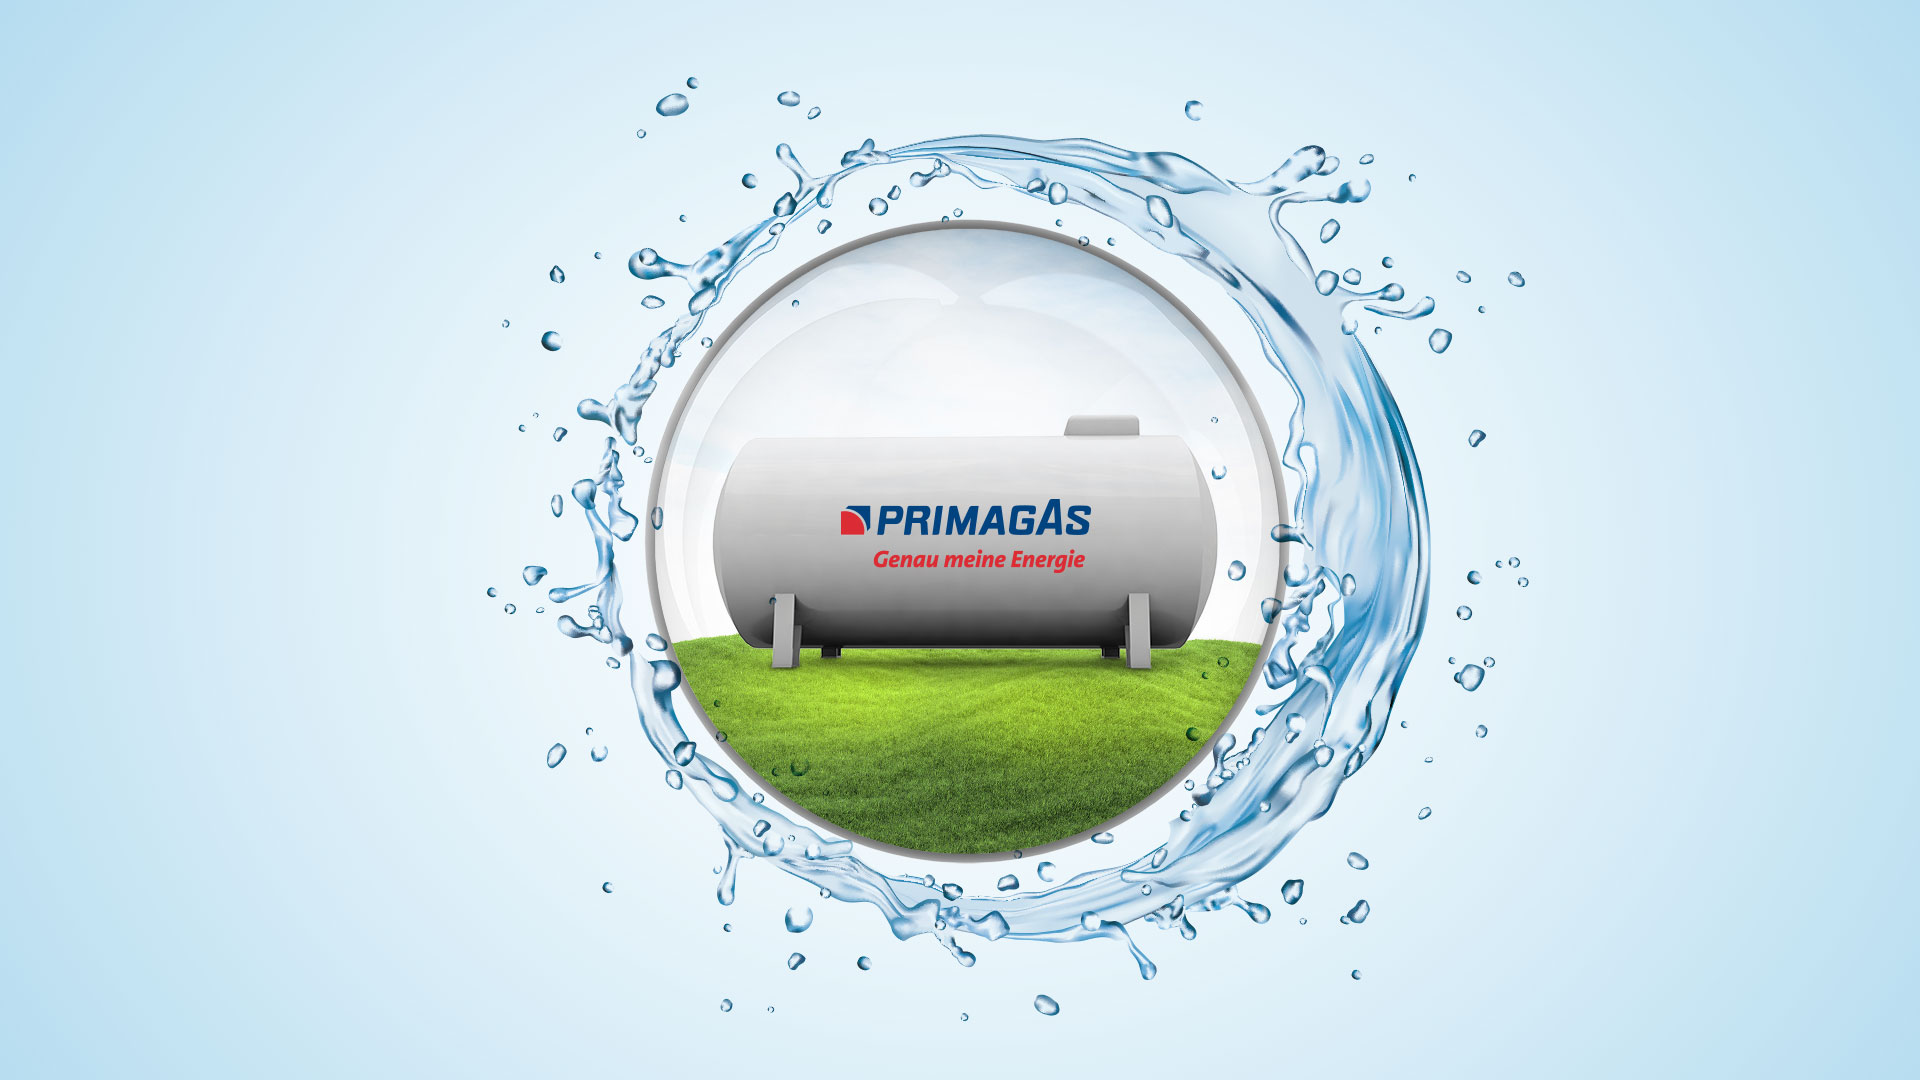 PRIMAGAS Tank auf Rasen in stilisierter Kugel, umhüllt von Wassergischt.